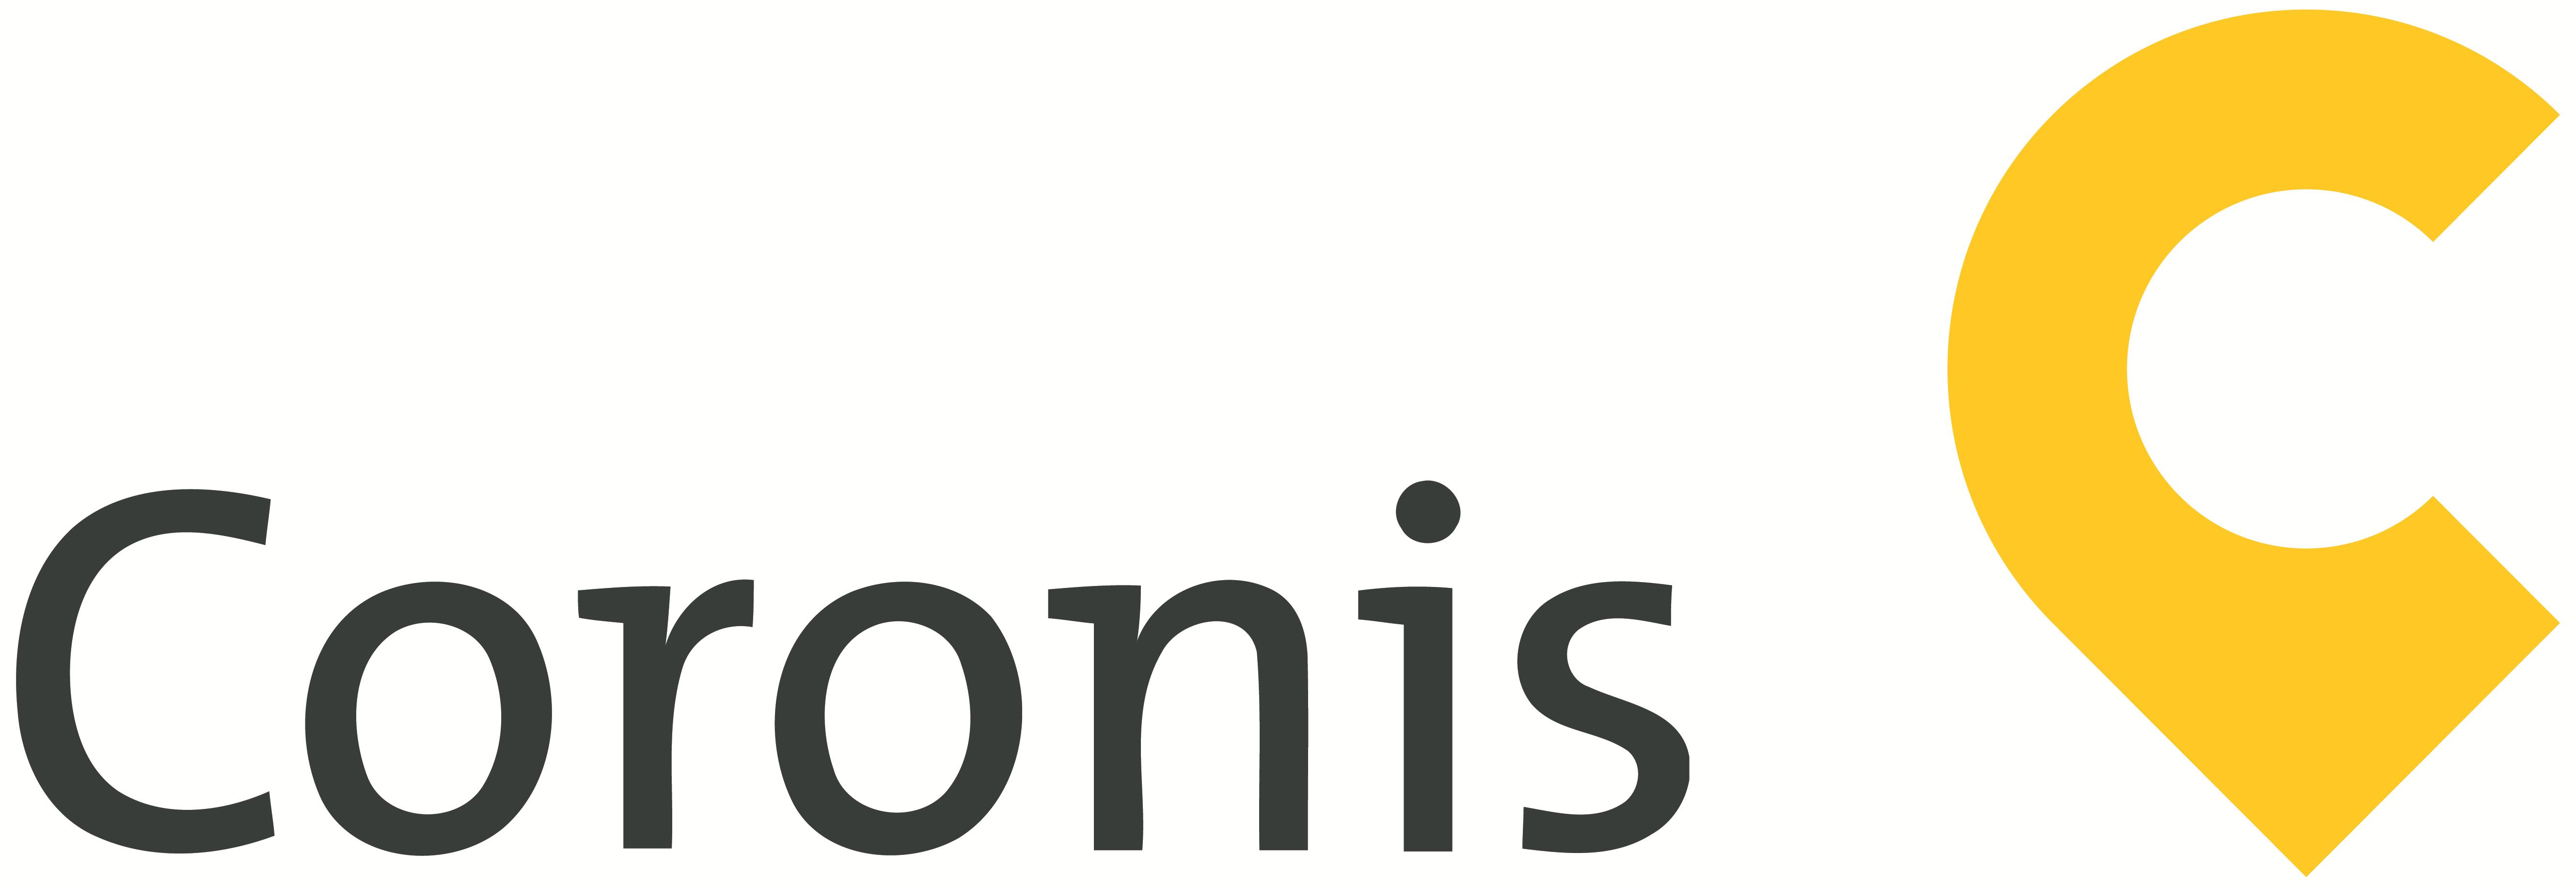 Coronis, Lutwyche, 4030